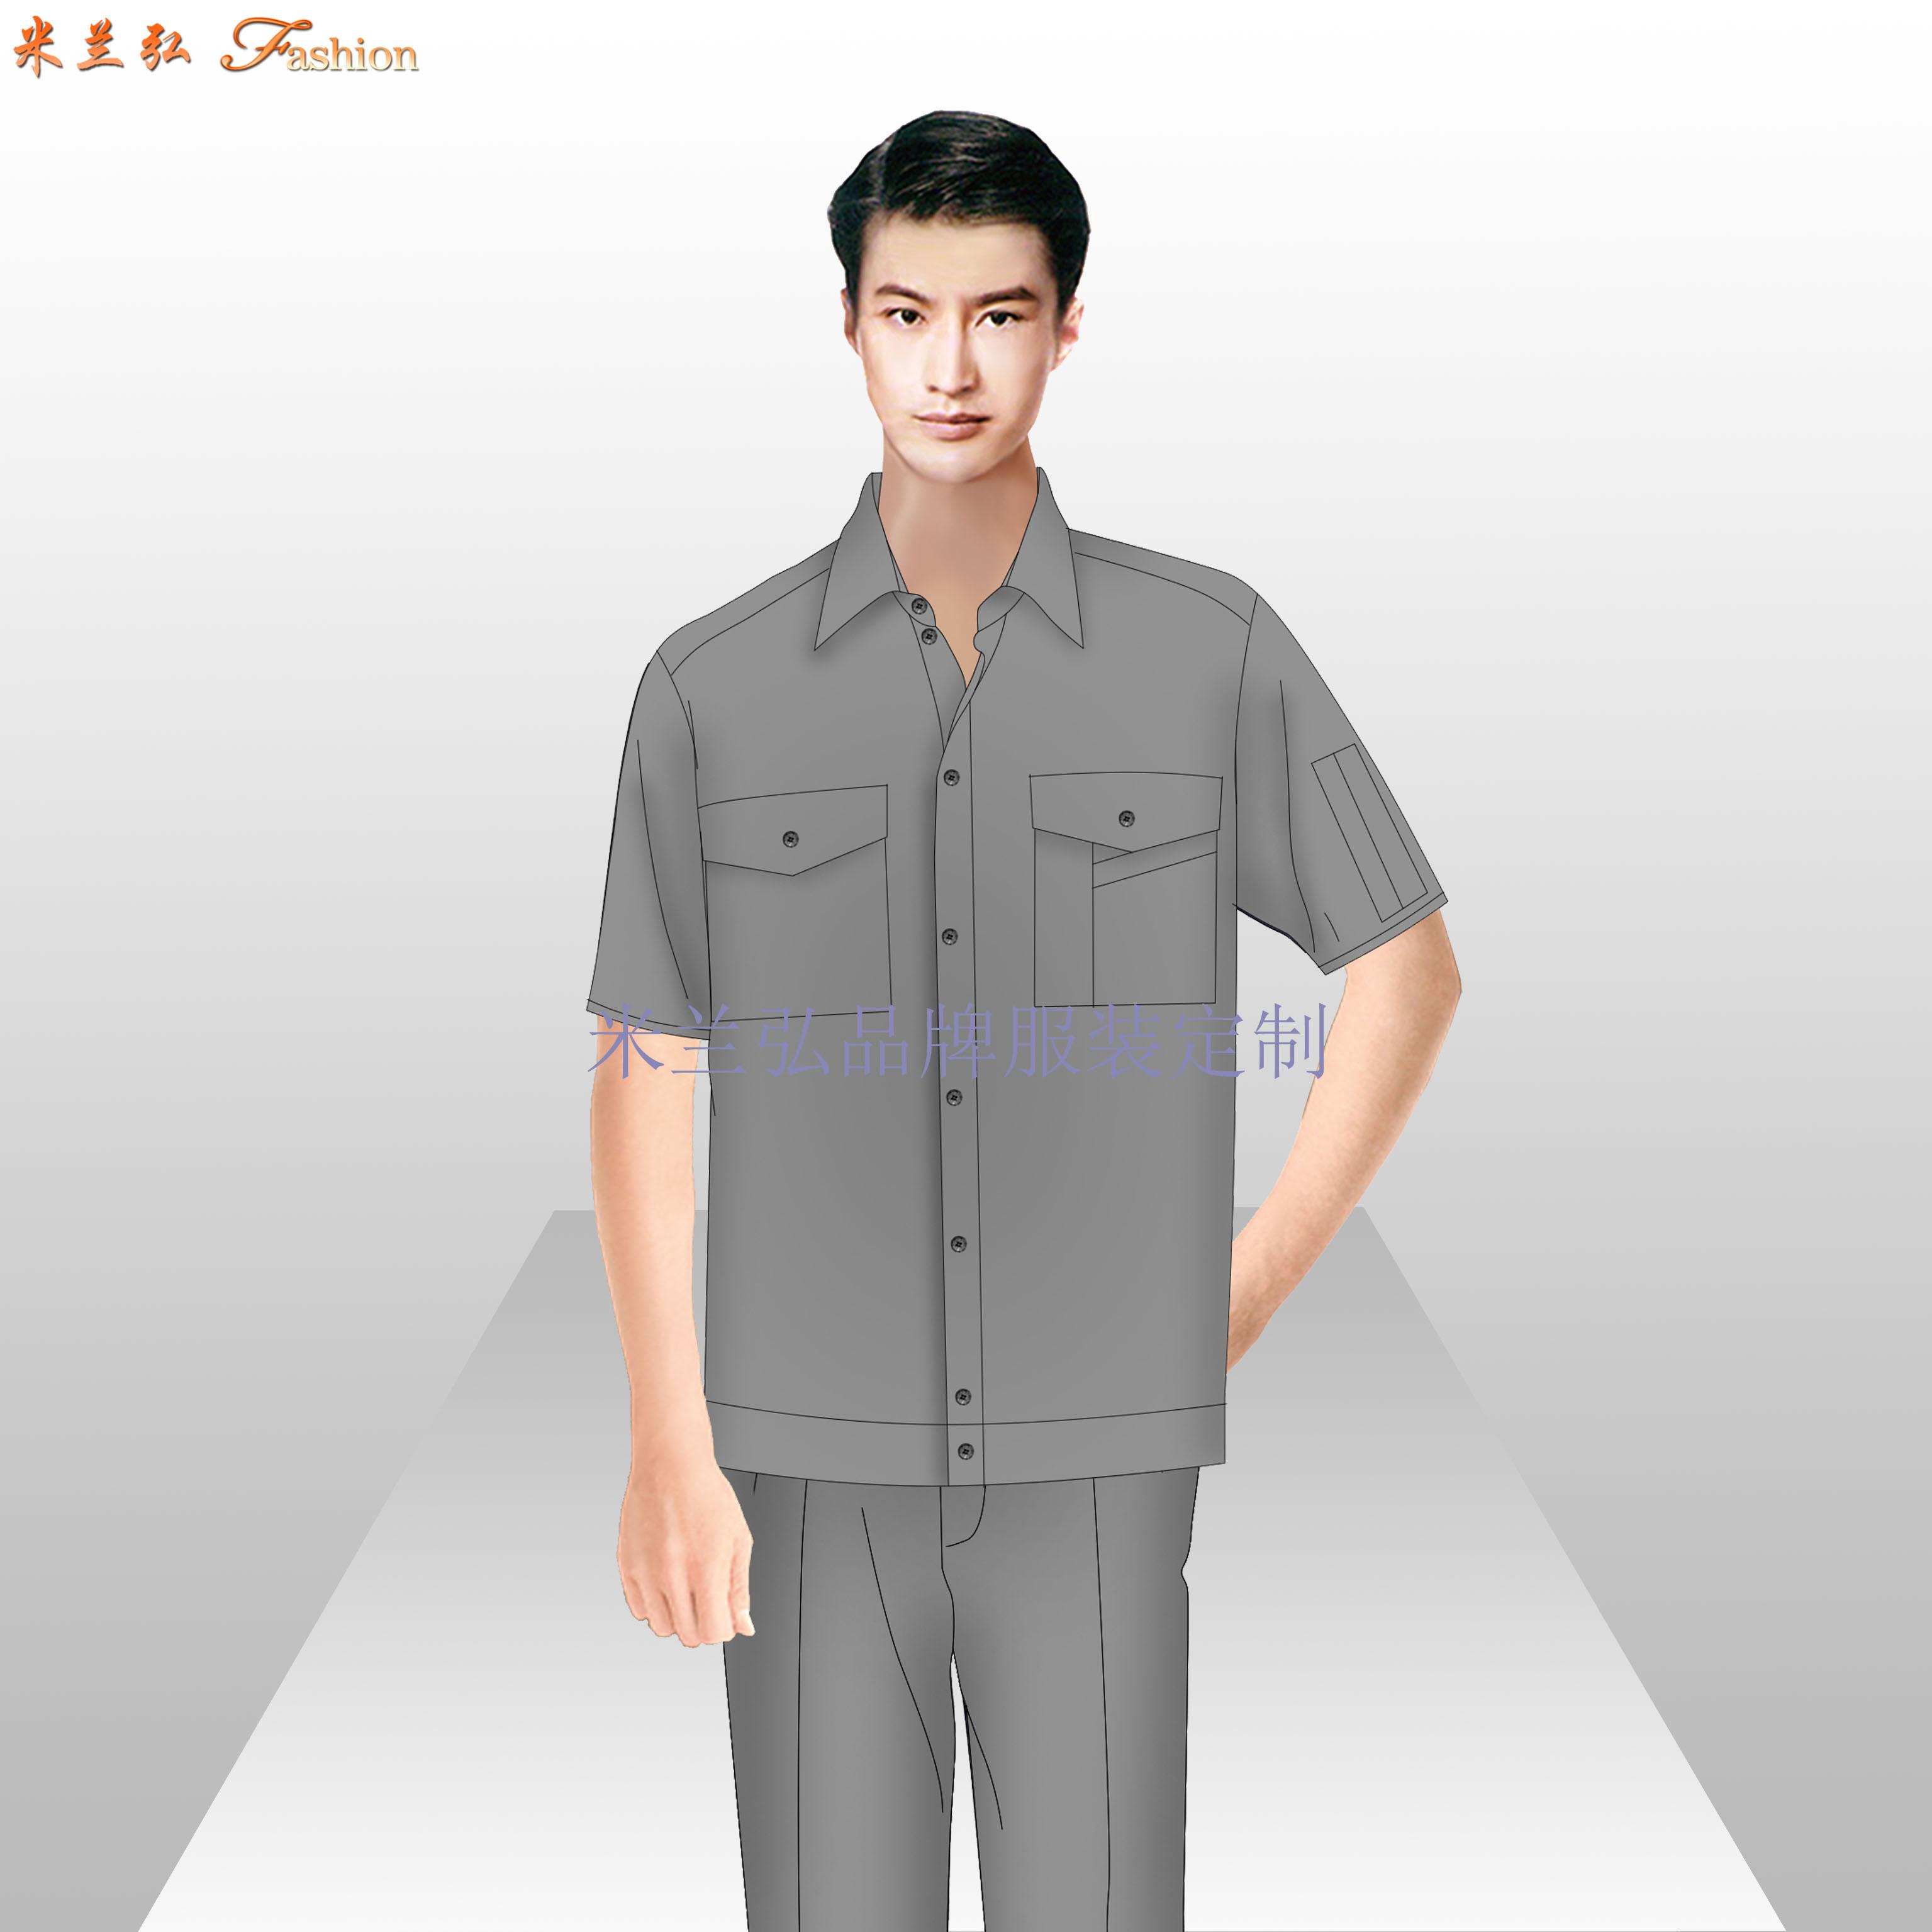 貴州工作服廠家-工作服定做價格圖片-米蘭弘服裝-5